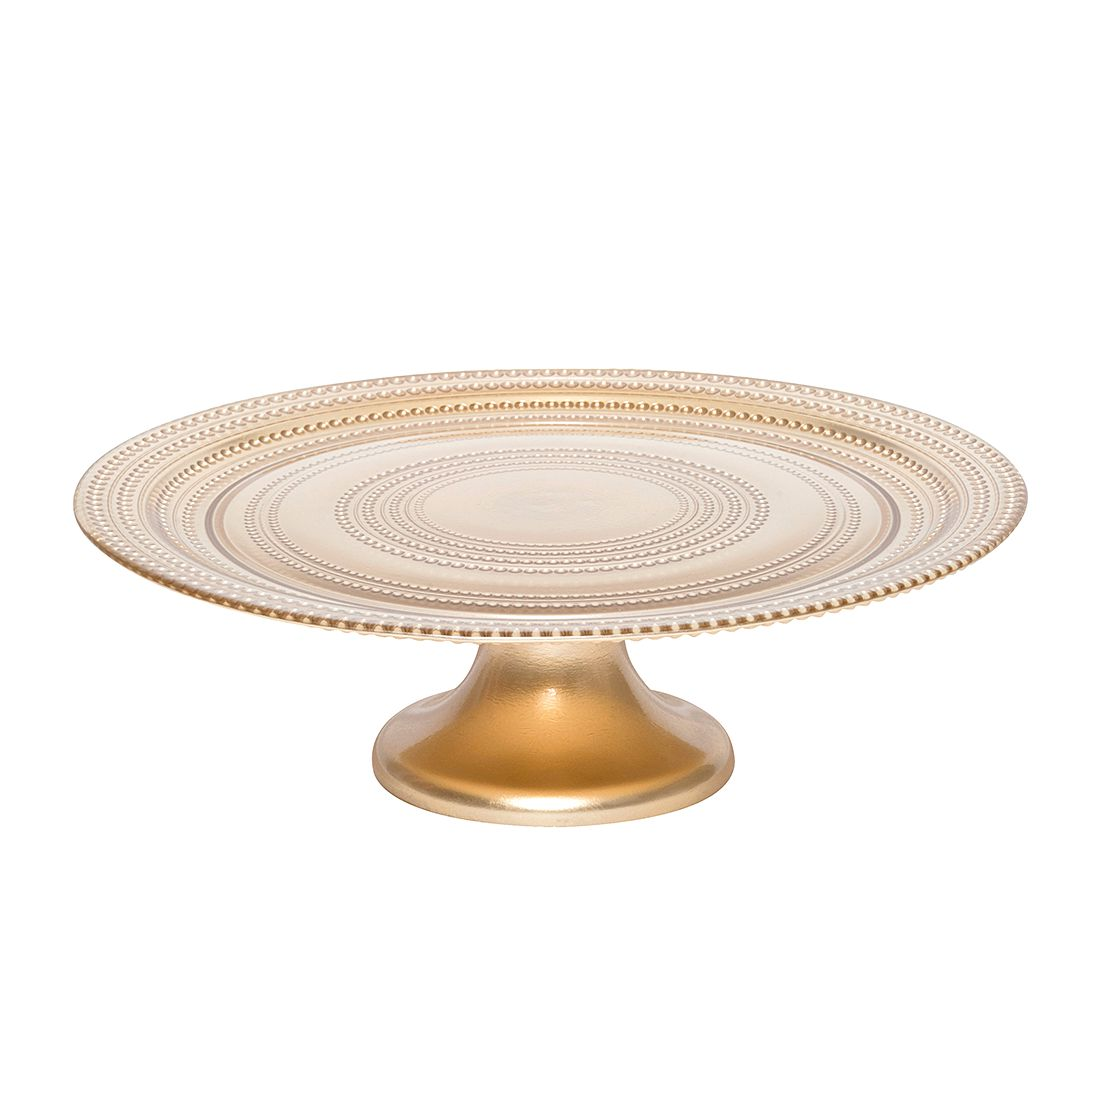 Tortenplatte Pois II – Glas – Gold, BITOSSI HOME günstig online kaufen